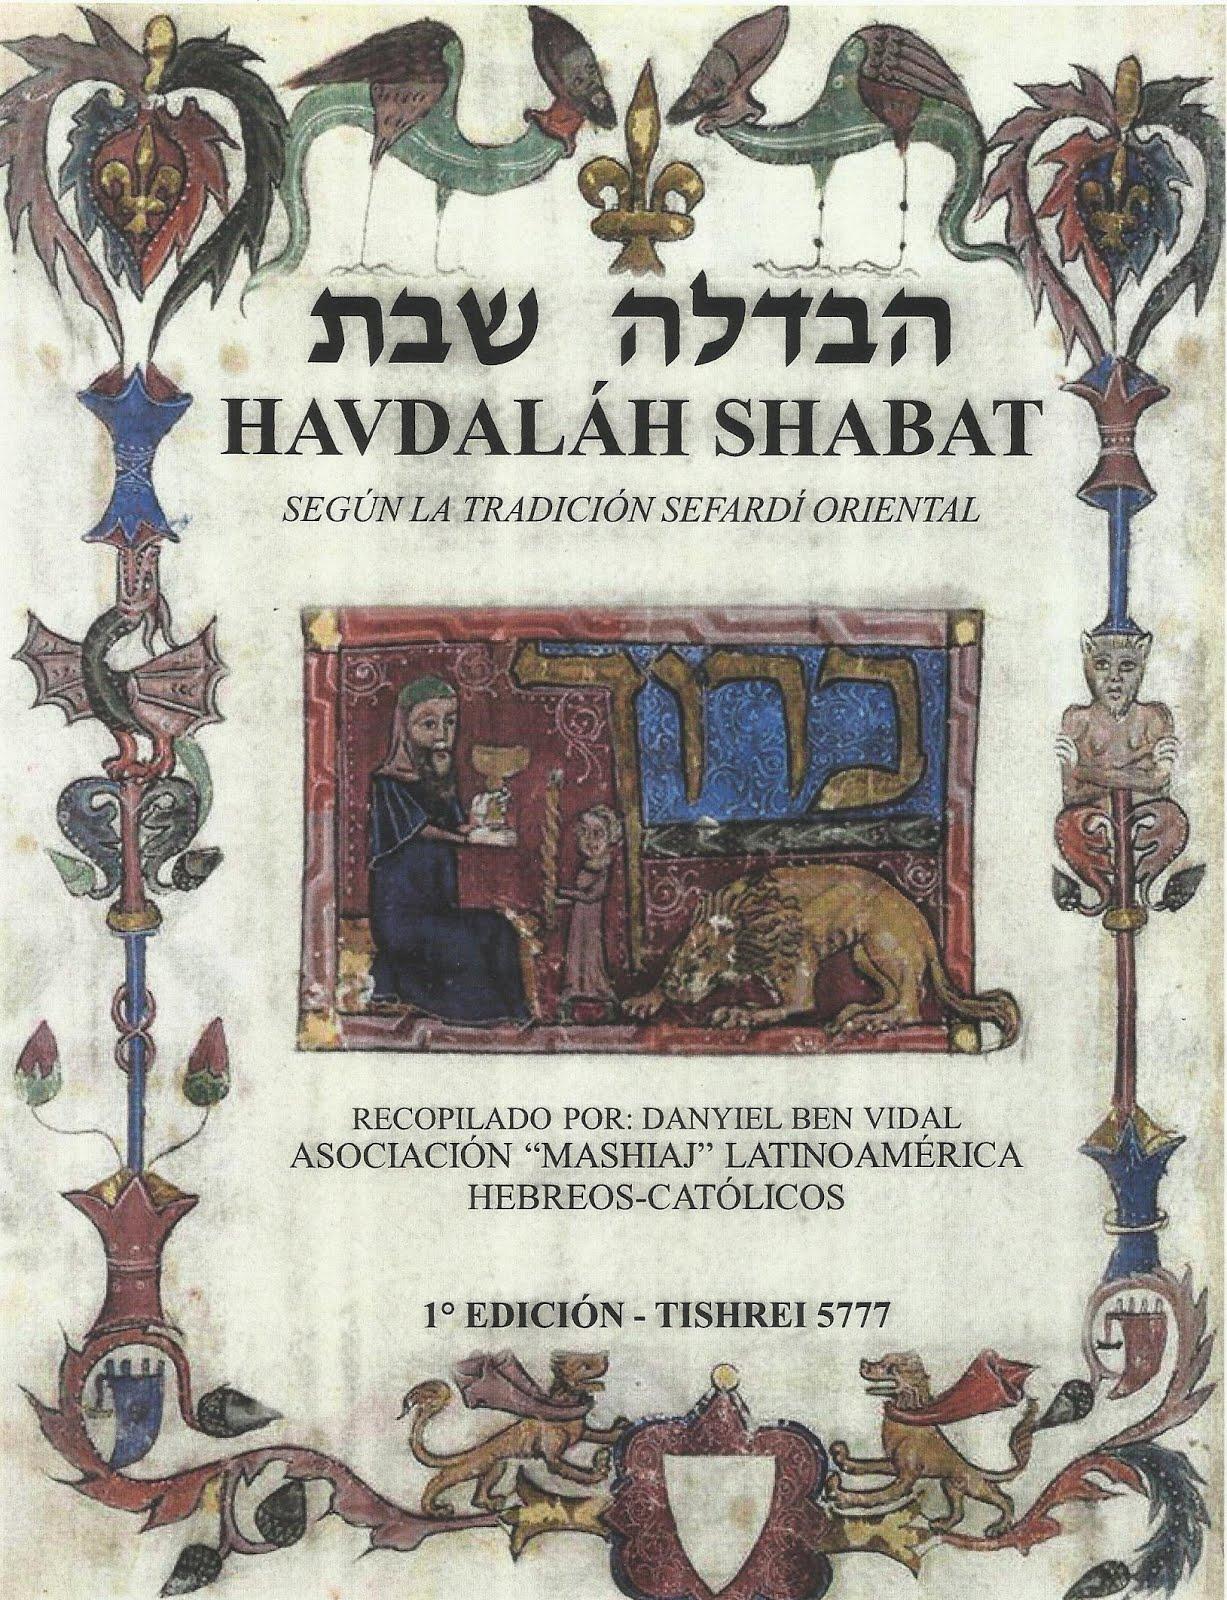 Havdalah Shabat